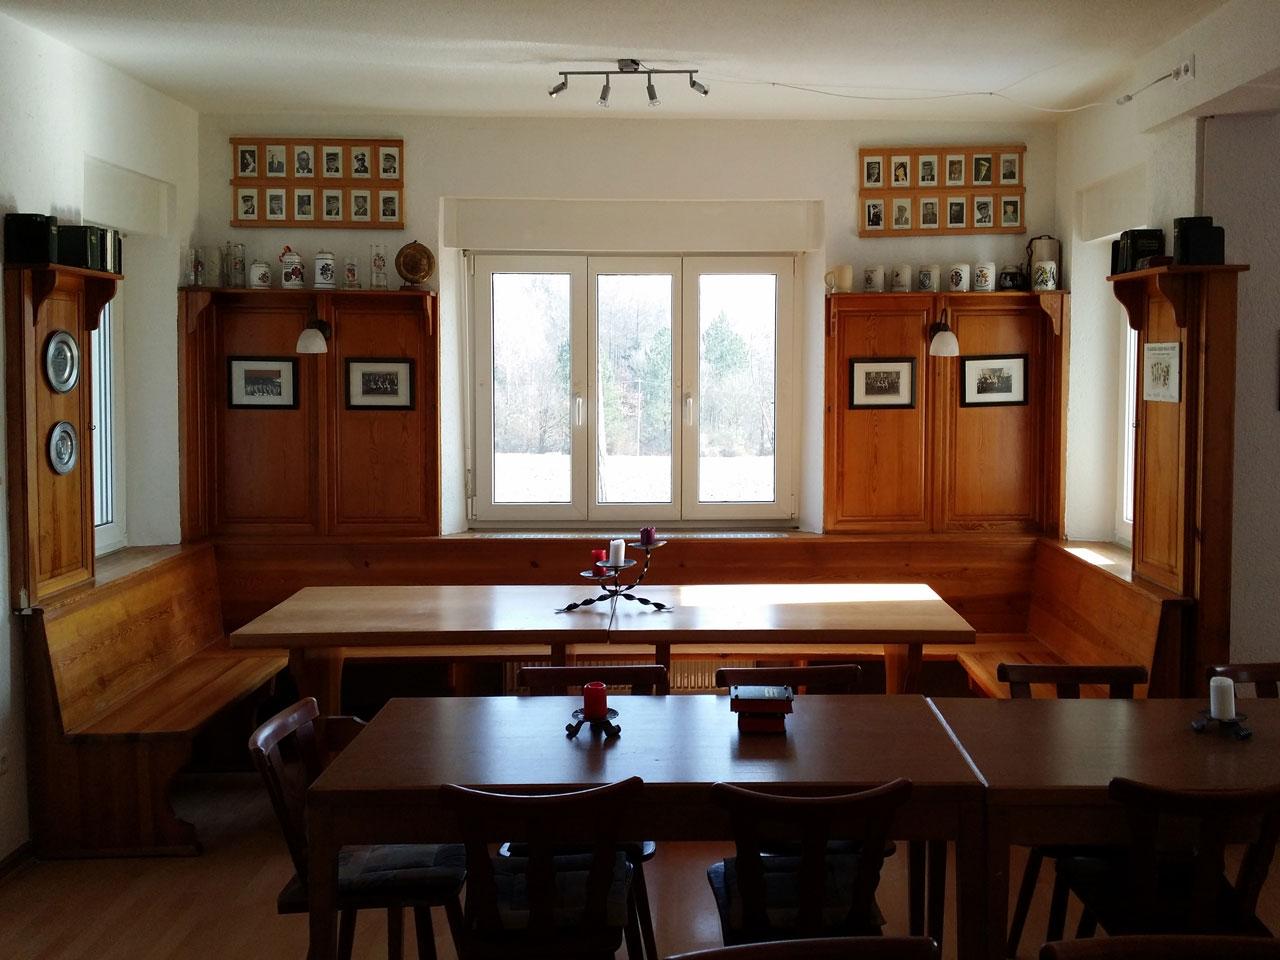 franco-palatia-bayreuth-sitzecke-saal